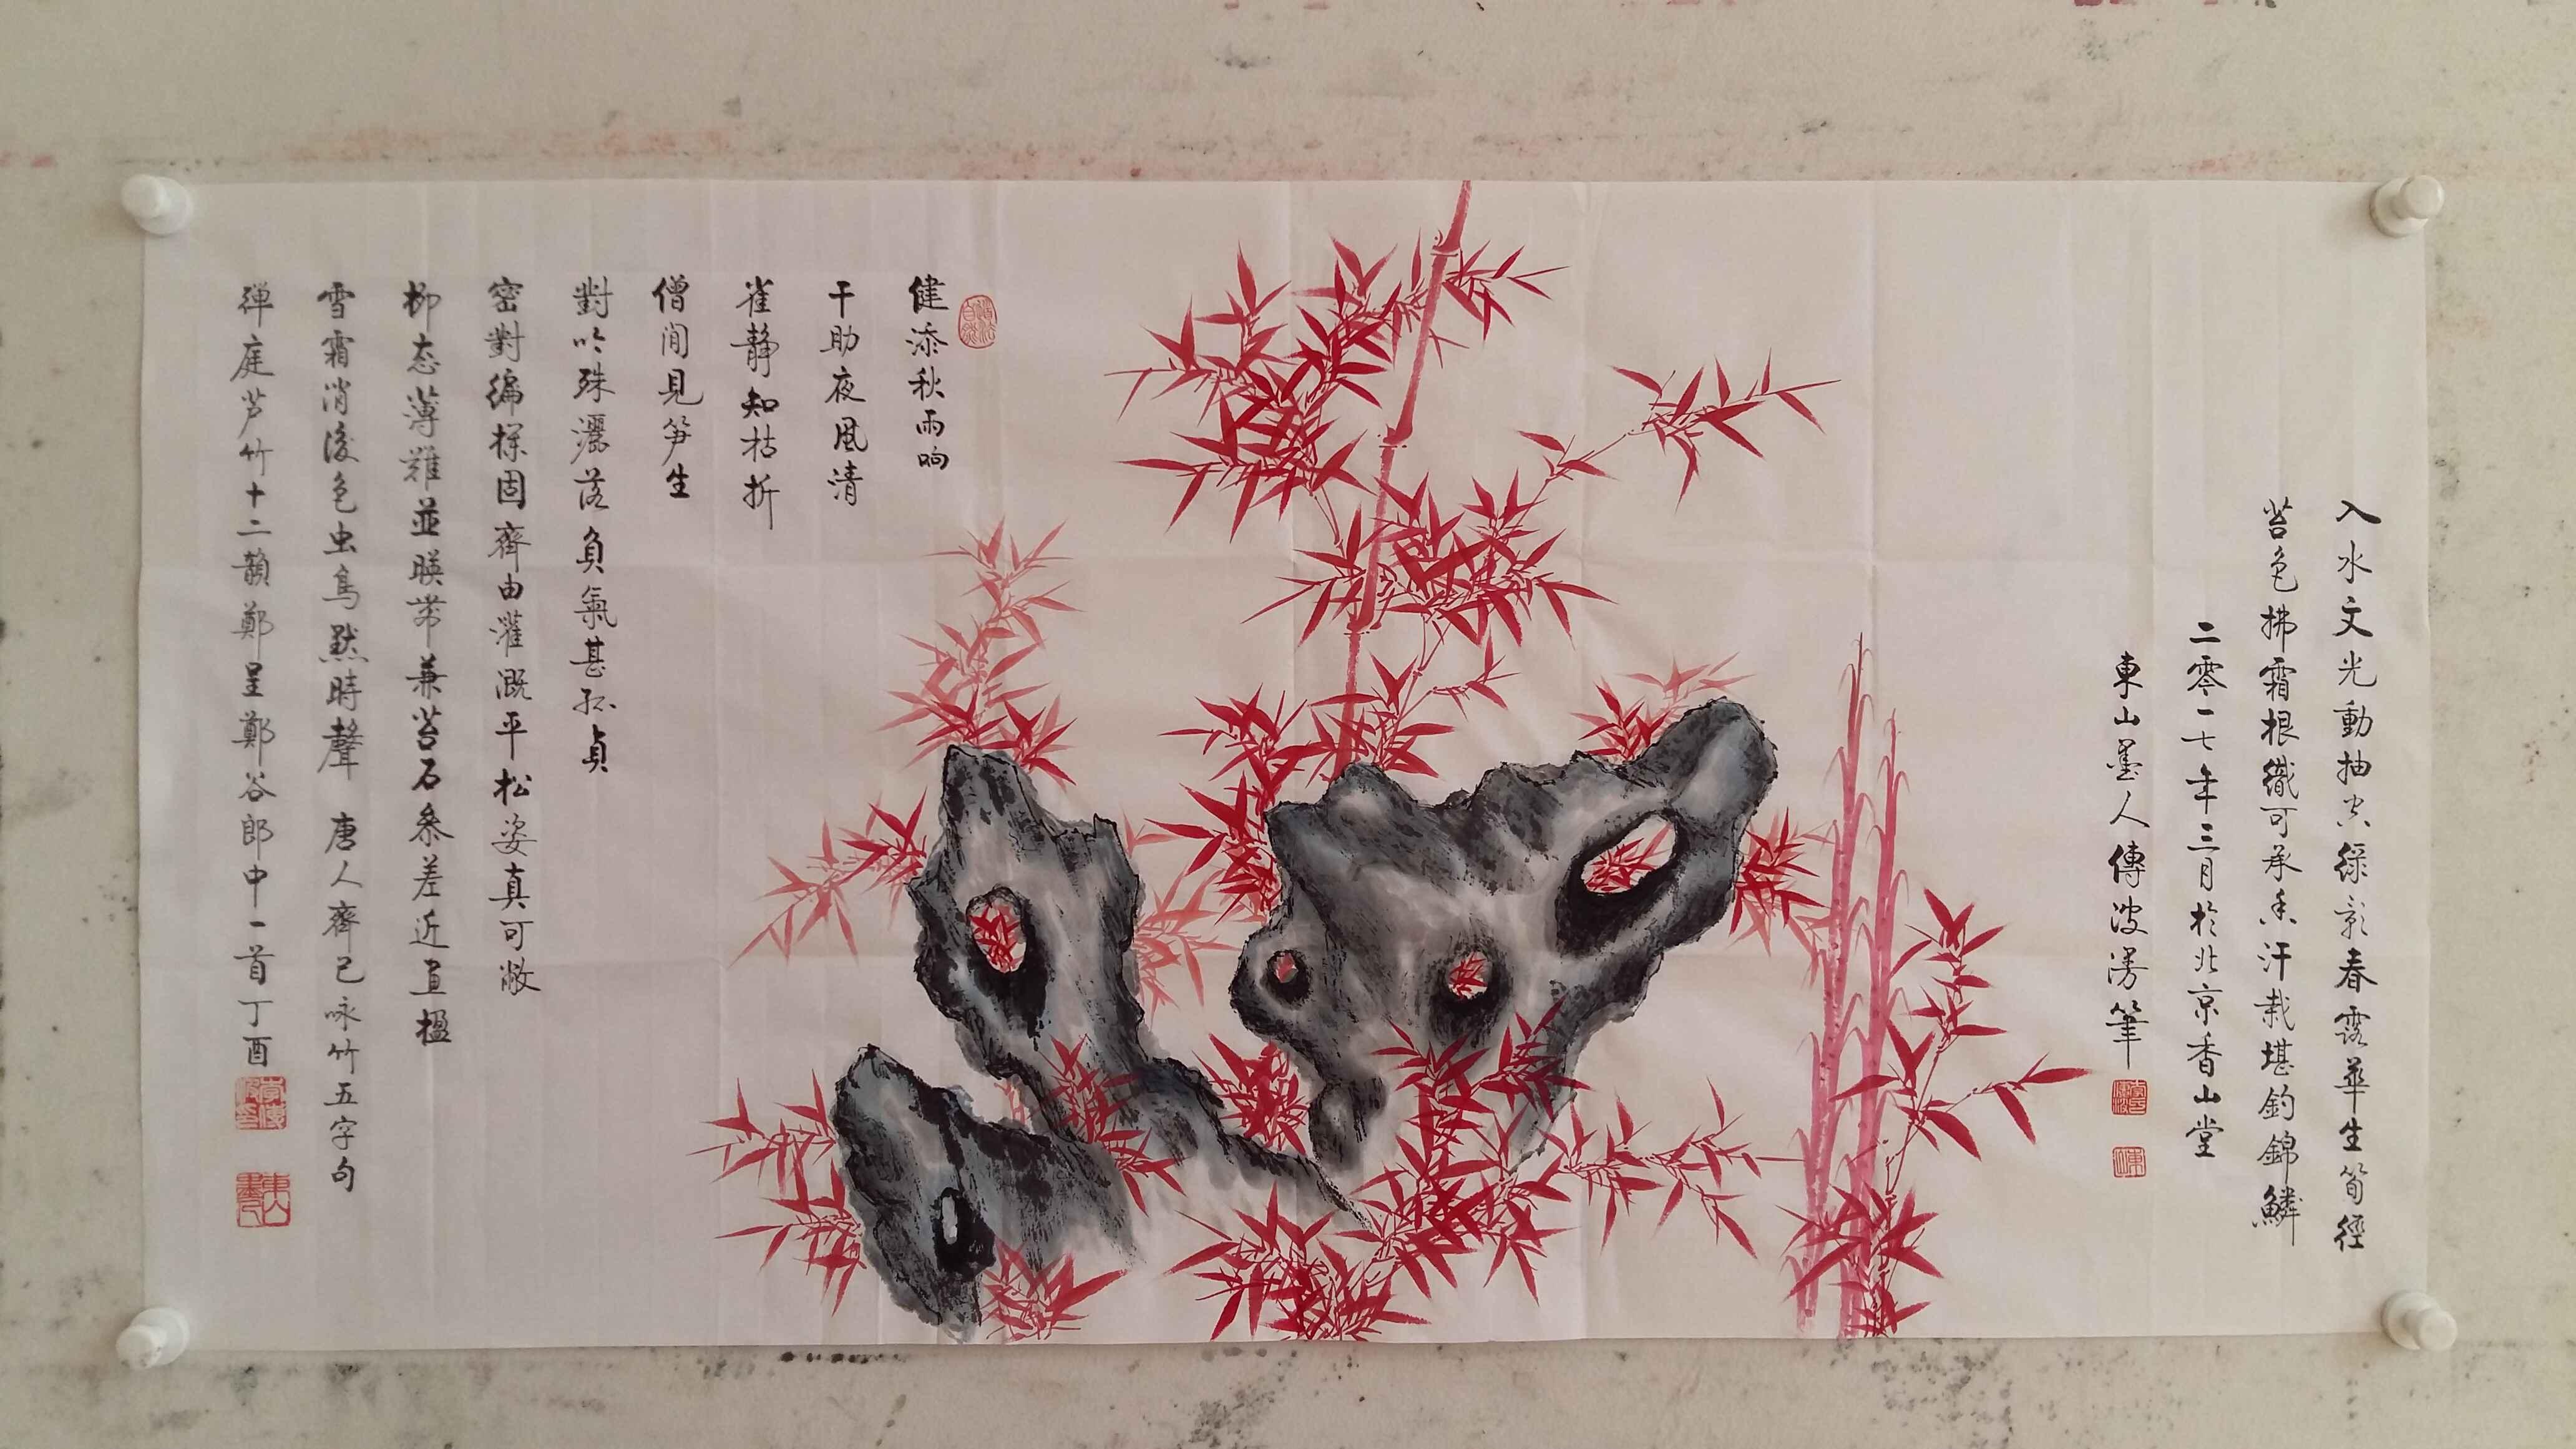 中式客厅挂什么画好 书法营造古色古香氛围